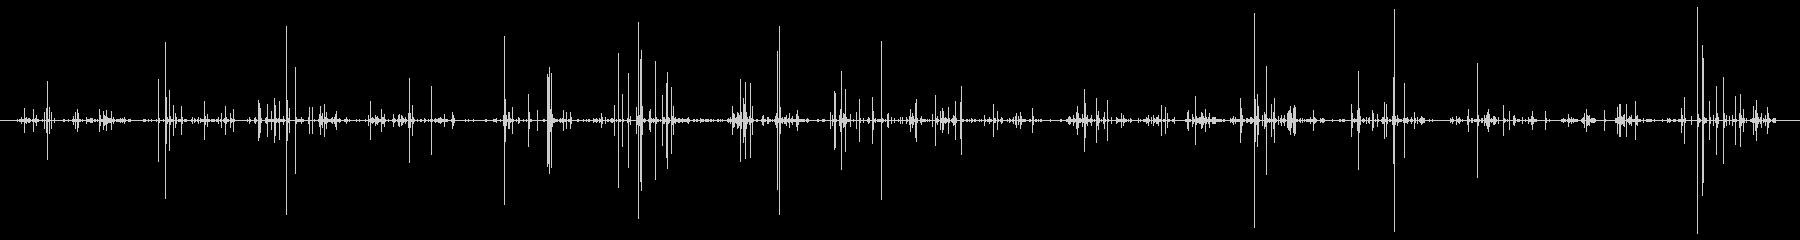 木 竹クラックシーケンス06の未再生の波形